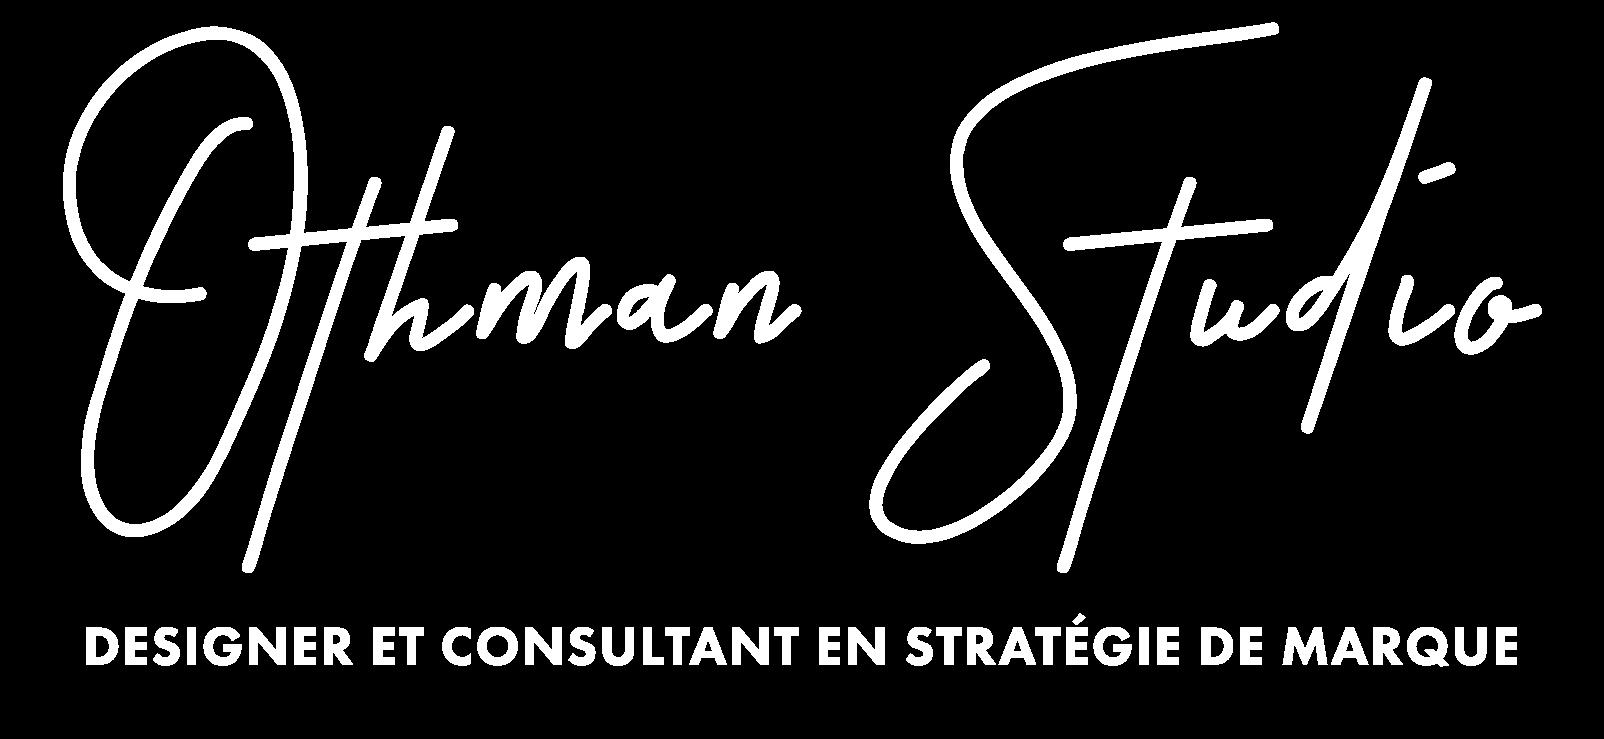 designer graphiste freelance casablanca maroc othman studio Accueil graphiste freelance marque 2